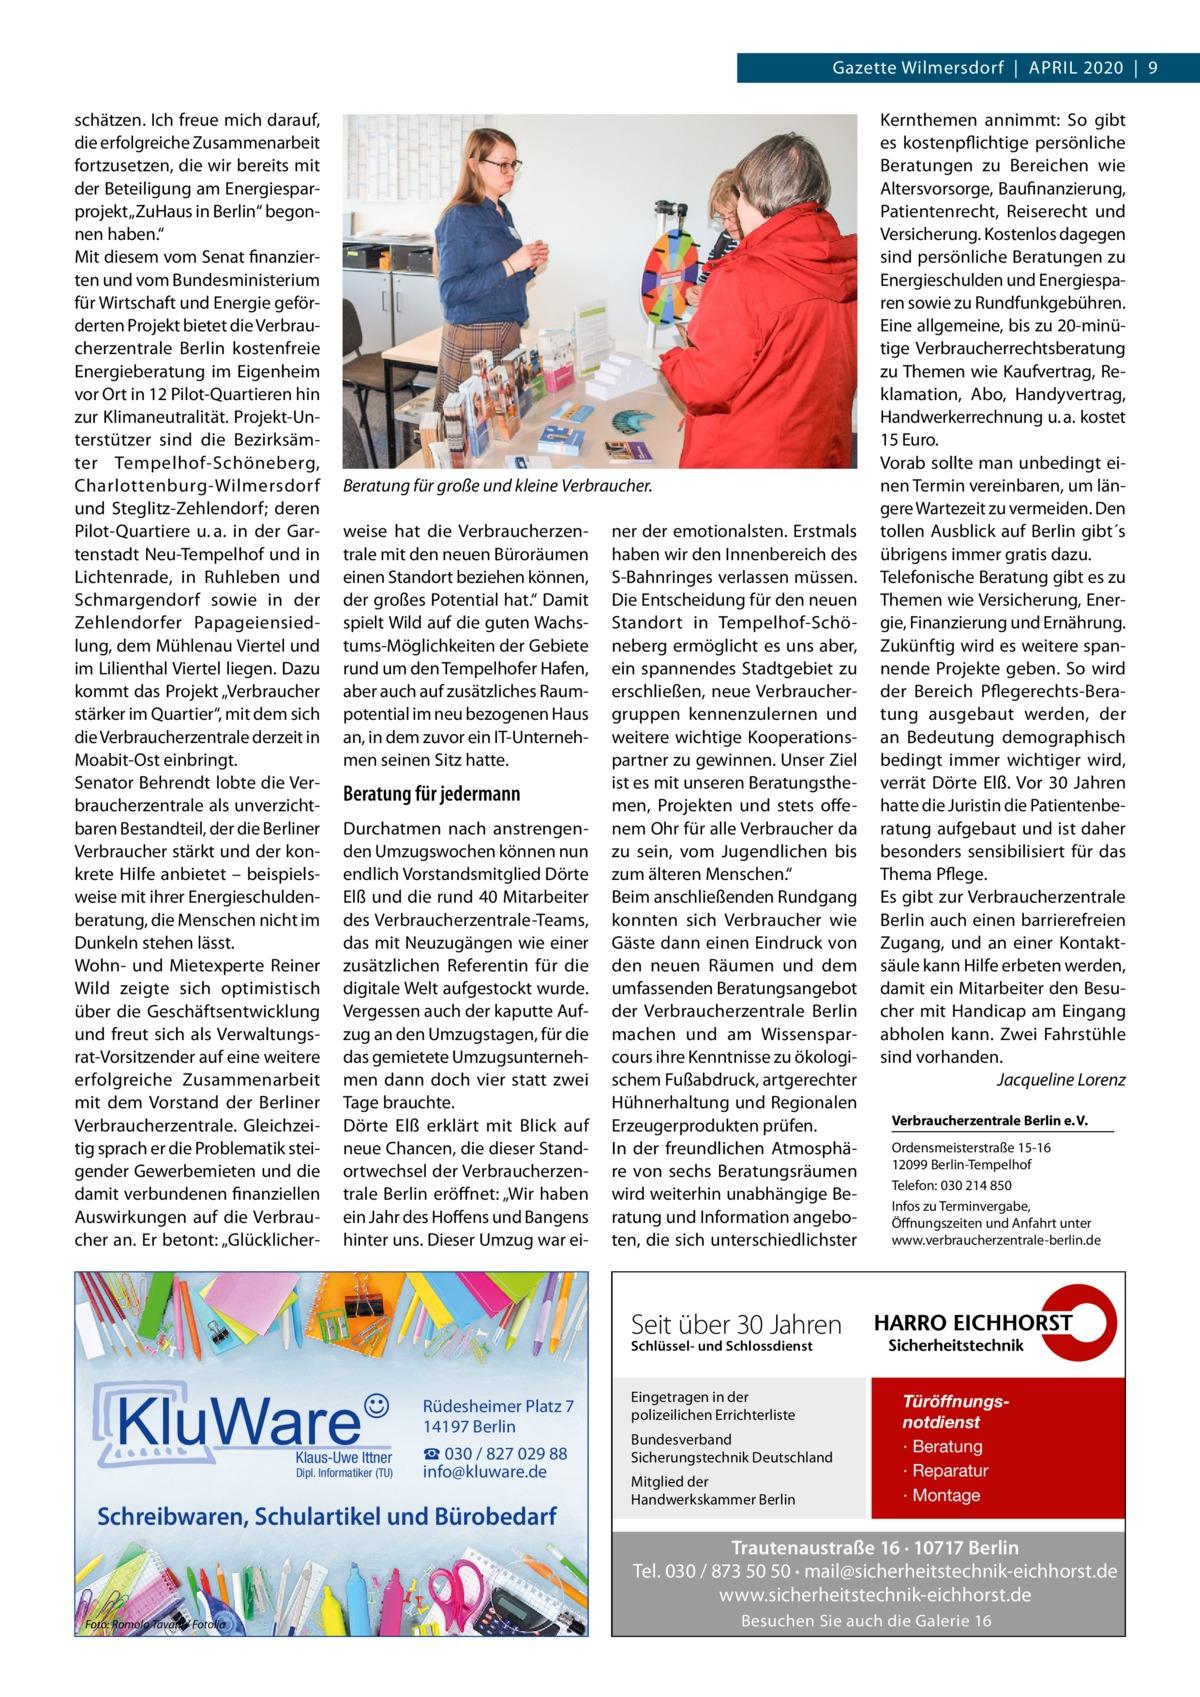 """Gazette Wilmersdorf April 2020 9 schätzen. Ich freue mich darauf, die erfolgreiche Zusammenarbeit fortzusetzen, die wir bereits mit der Beteiligung am Energiesparprojekt """"ZuHaus in Berlin"""" begonnen haben."""" Mit diesem vom Senat finanzierten und vom Bundesministerium für Wirtschaft und Energie geförderten Projekt bietet die Verbraucherzentrale Berlin kostenfreie Energieberatung im Eigenheim vor Ort in 12 Pilot-Quartieren hin zur Klimaneutralität. Projekt-Unterstützer sind die Bezirksämter Tempelhof-Schöneberg, Charlottenburg-Wilmersdorf und Steglitz-Zehlendorf; deren Pilot-Quartiere u.a. in der Gartenstadt Neu-Tempelhof und in Lichtenrade, in Ruhleben und Schmargendorf sowie in der Zehlendorfer Papageiensiedlung, dem Mühlenau Viertel und im Lilienthal Viertel liegen. Dazu kommt das Projekt """"Verbraucher stärker im Quartier"""", mit dem sich die Verbraucherzentrale derzeit in Moabit-Ost einbringt. Senator Behrendt lobte die Verbraucherzentrale als unverzichtbaren Bestandteil, der die Berliner Verbraucher stärkt und der konkrete Hilfe anbietet – beispielsweise mit ihrer Energieschuldenberatung, die Menschen nicht im Dunkeln stehen lässt. Wohn- und Mietexperte Reiner Wild zeigte sich optimistisch über die Geschäftsentwicklung und freut sich als Verwaltungsrat-Vorsitzender auf eine weitere erfolgreiche Zusammenarbeit mit dem Vorstand der Berliner Verbraucherzentrale. Gleichzeitig sprach er die Problematik steigender Gewerbemieten und die damit verbundenen finanziellen Auswirkungen auf die Verbraucher an. Er betont: """"Glücklicher Beratung für große und kleine Verbraucher. weise hat die Verbraucherzentrale mit den neuen Büroräumen einen Standort beziehen können, der großes Potential hat."""" Damit spielt Wild auf die guten Wachstums-Möglichkeiten der Gebiete rund um den Tempelhofer Hafen, aber auch auf zusätzliches Raumpotential im neu bezogenen Haus an, in dem zuvor ein IT-Unternehmen seinen Sitz hatte.  Beratung für jedermann Durchatmen nach anstrengenden Umzugswochen können nun """